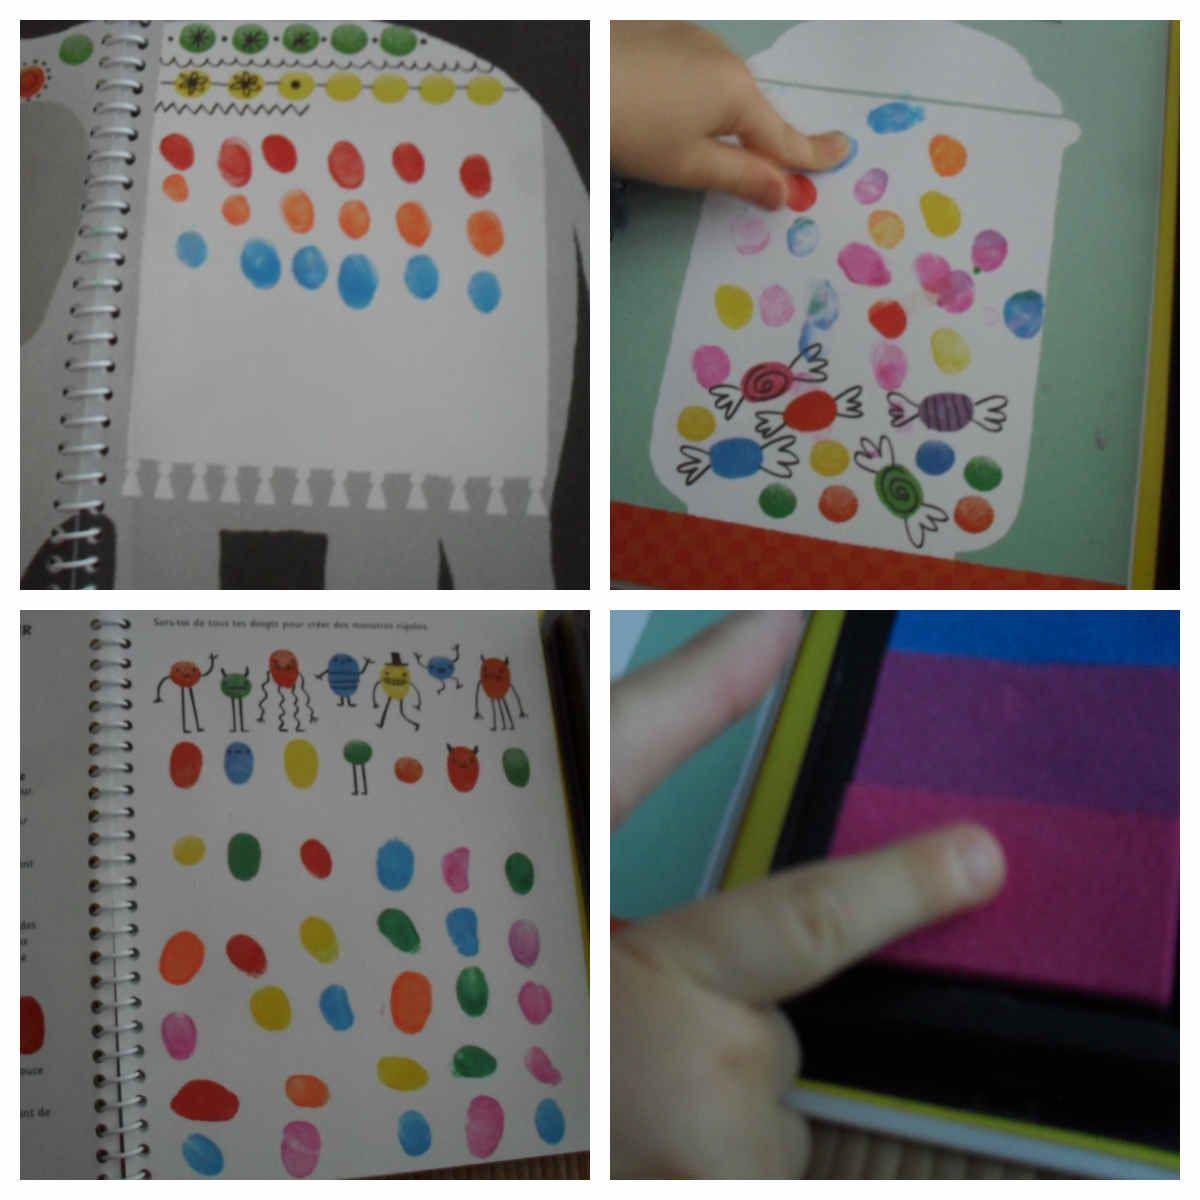 Dessine avec les doigts Editions Usborne {#Test}{#Usborne}{#DessinerAvecLesDoigts}